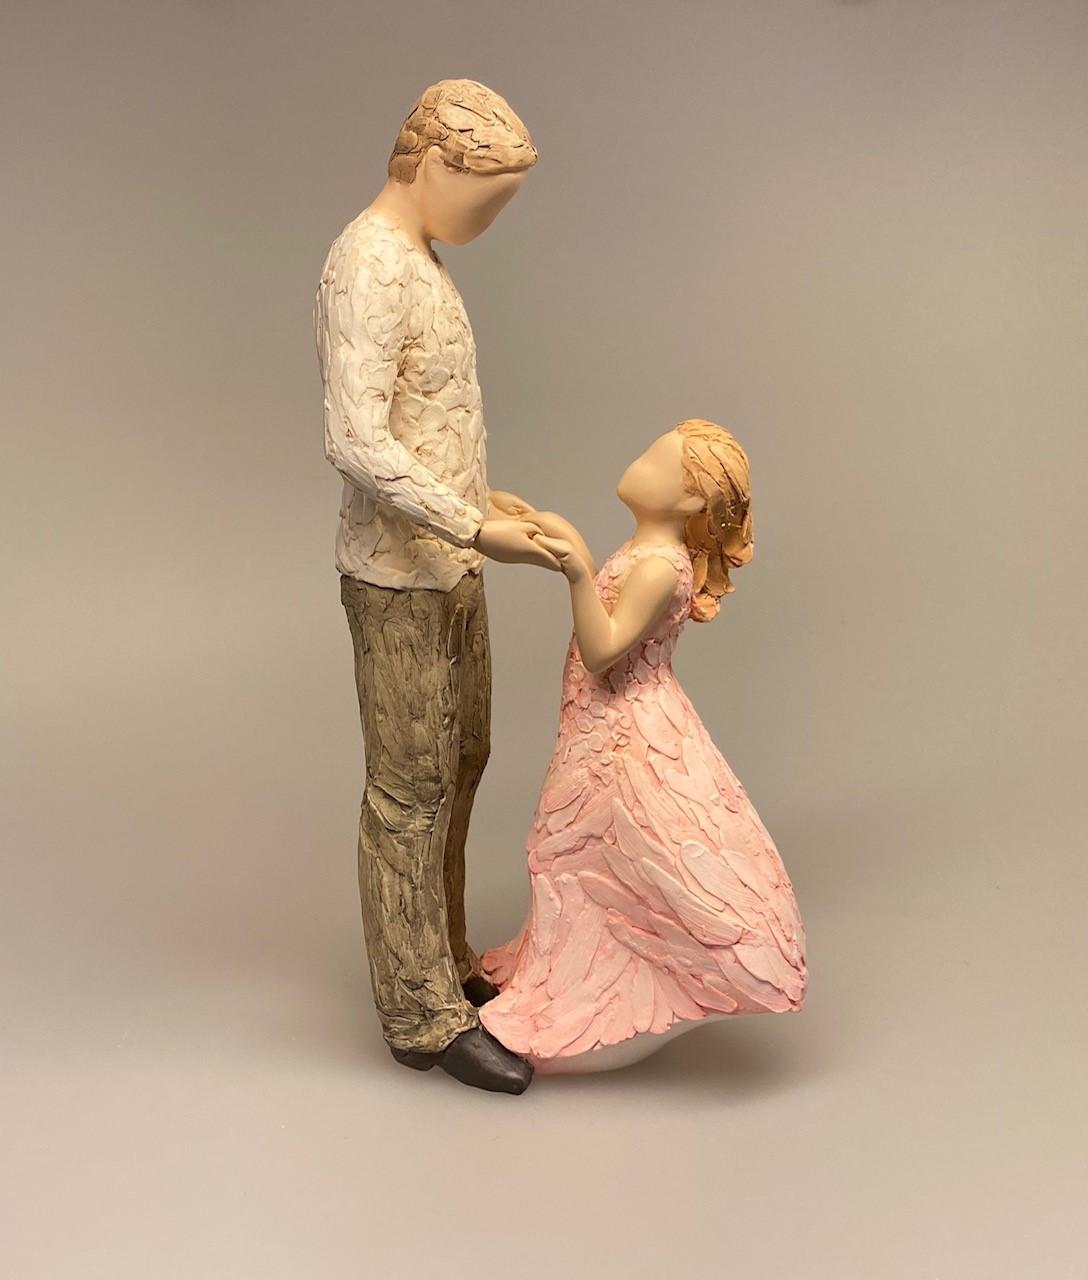 More than words Figur - Angel of Mine, datter, far og datter, daddy, familie, forældre, onkel, storebror, lille søster, læring, tryghed, kærlighed, lærer at danse, passer på dig, min datter, guldklump, øjesten, figur, arora, willowtree, biti, ribe, kunst, gave, gaveide, symbolsk, symbolik, flot,